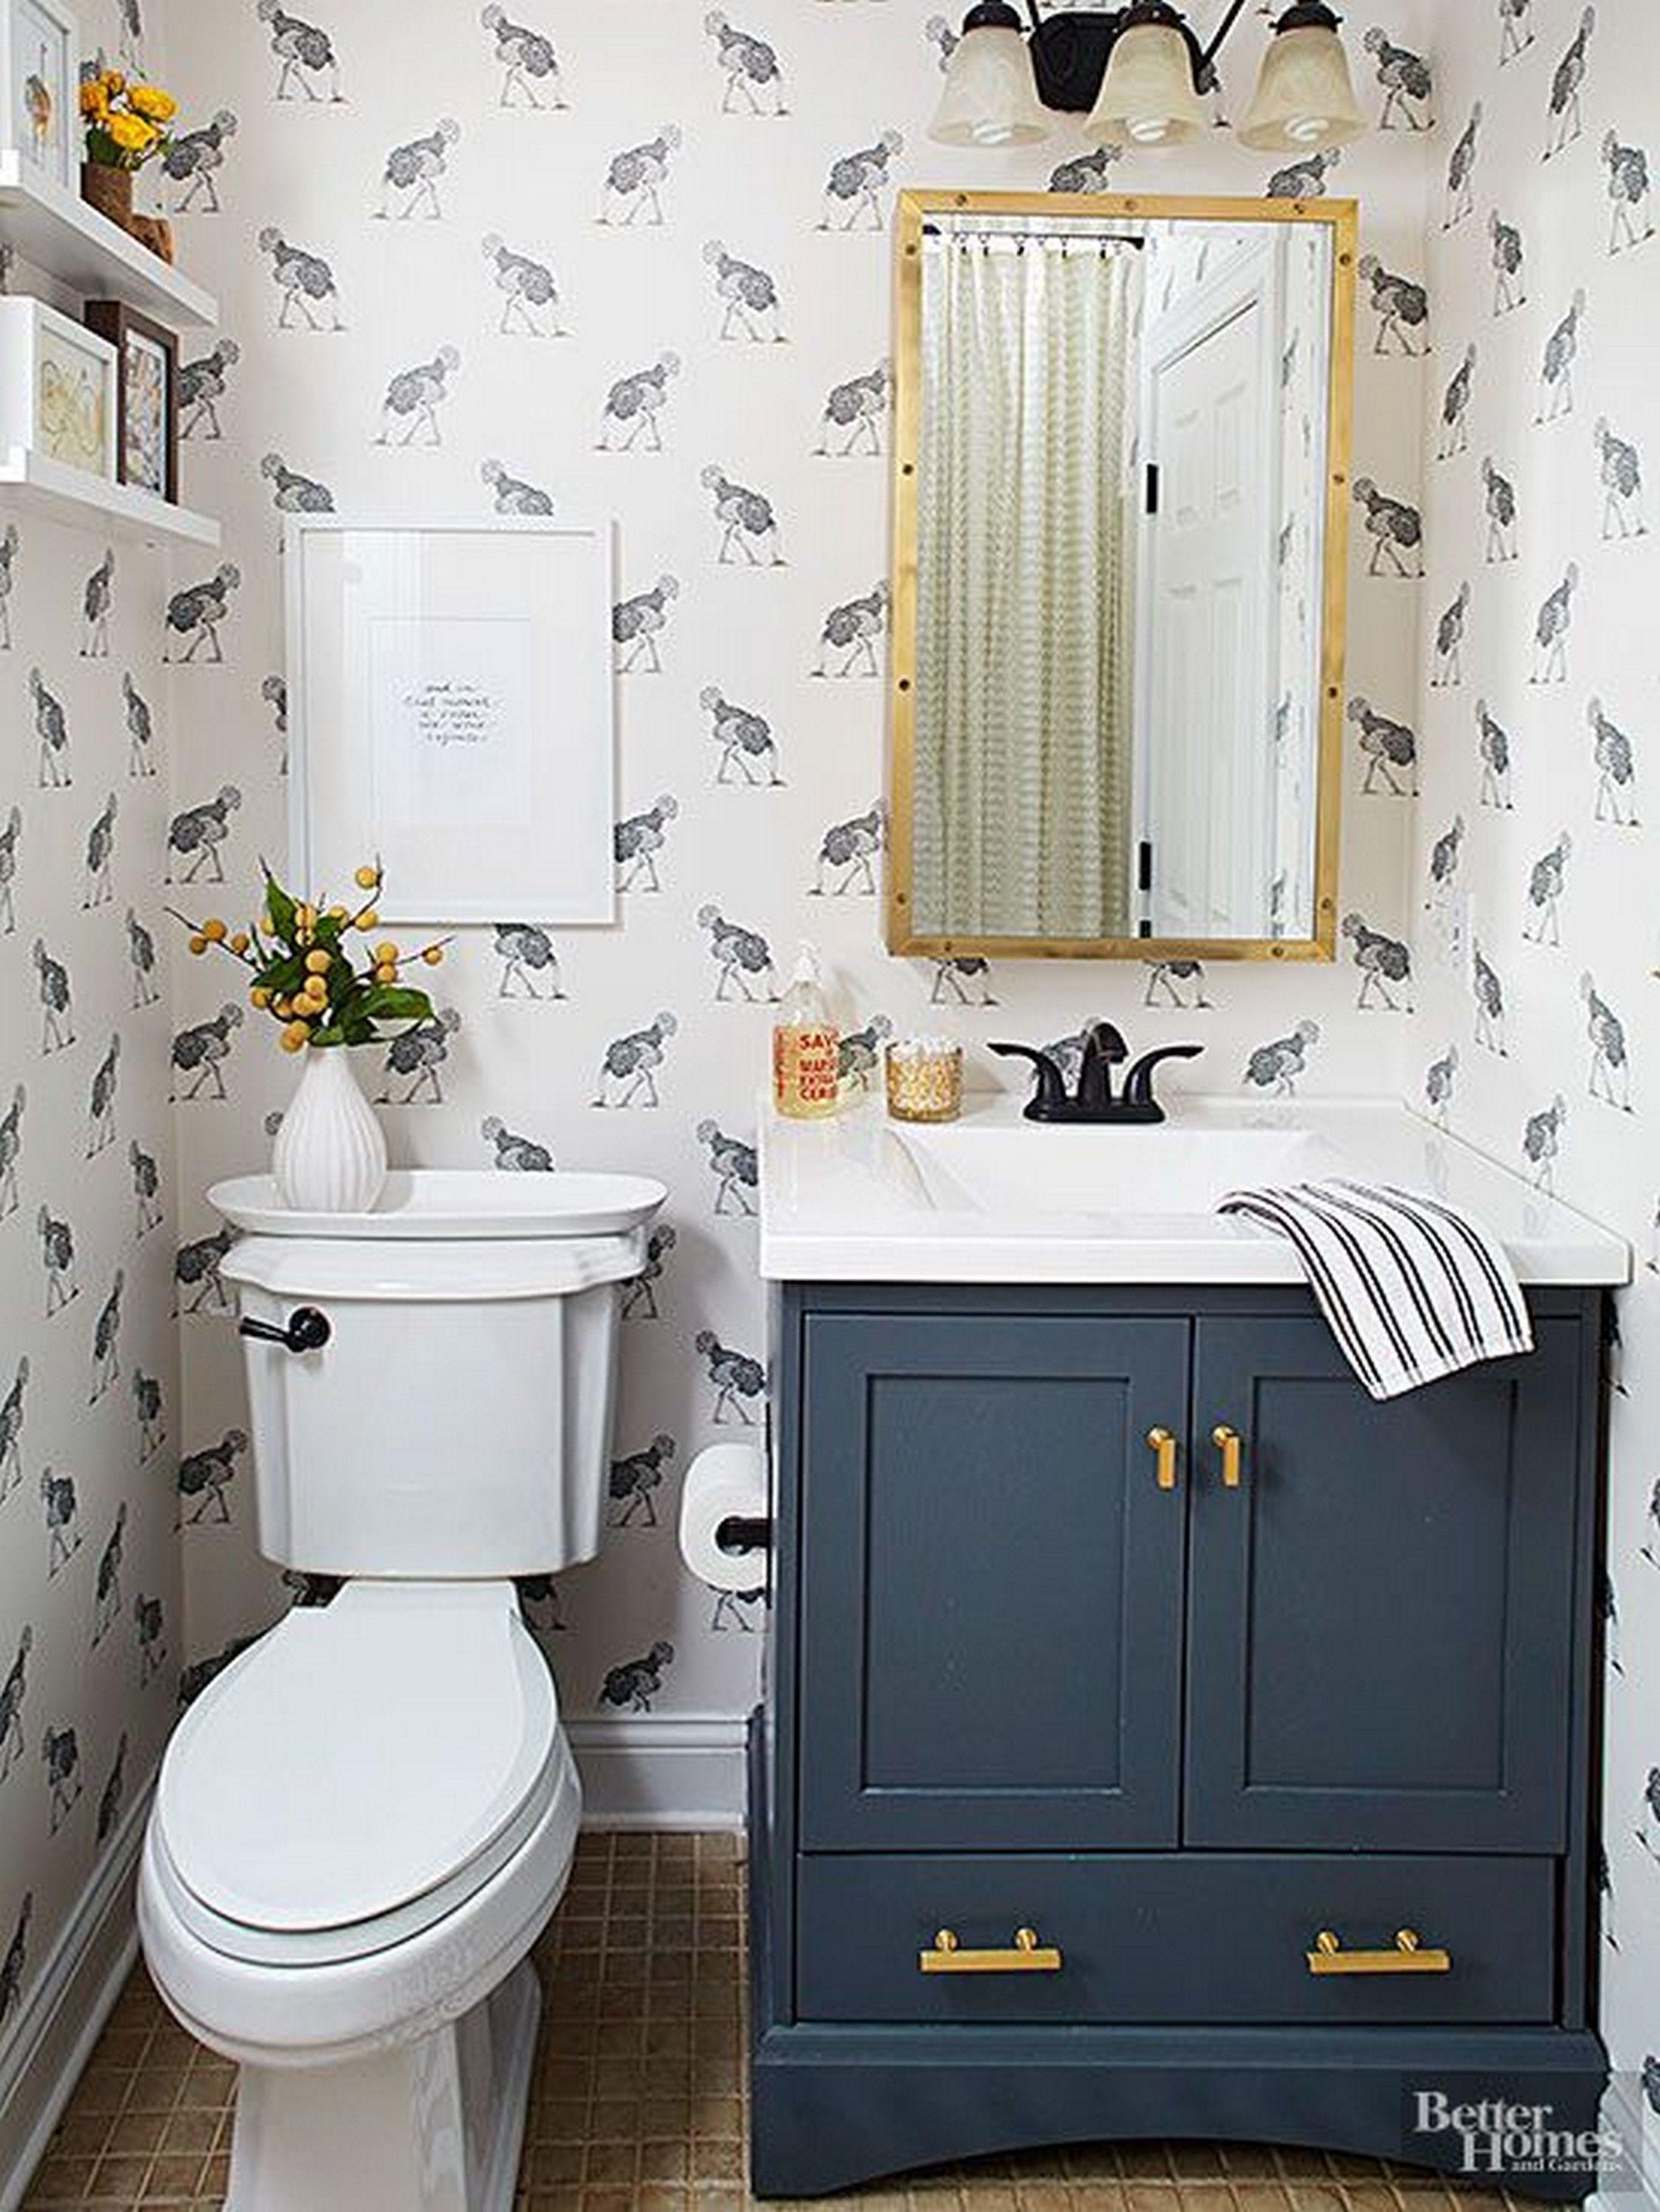 40 amazing bathroom counter organization ideas blue on vanity for bathroom id=60518